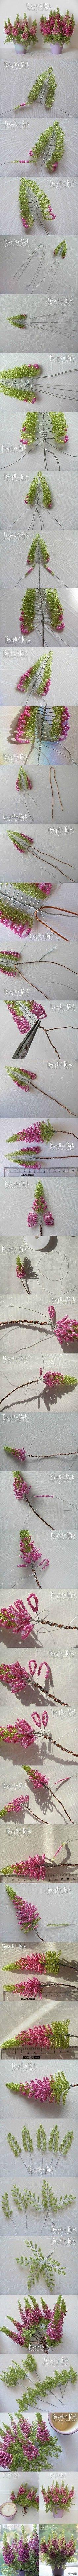 Boncuklardan Ağaç Nasıl Yapılır? ,  #boncuktanağaç #boncuktanağaçmodelleri…